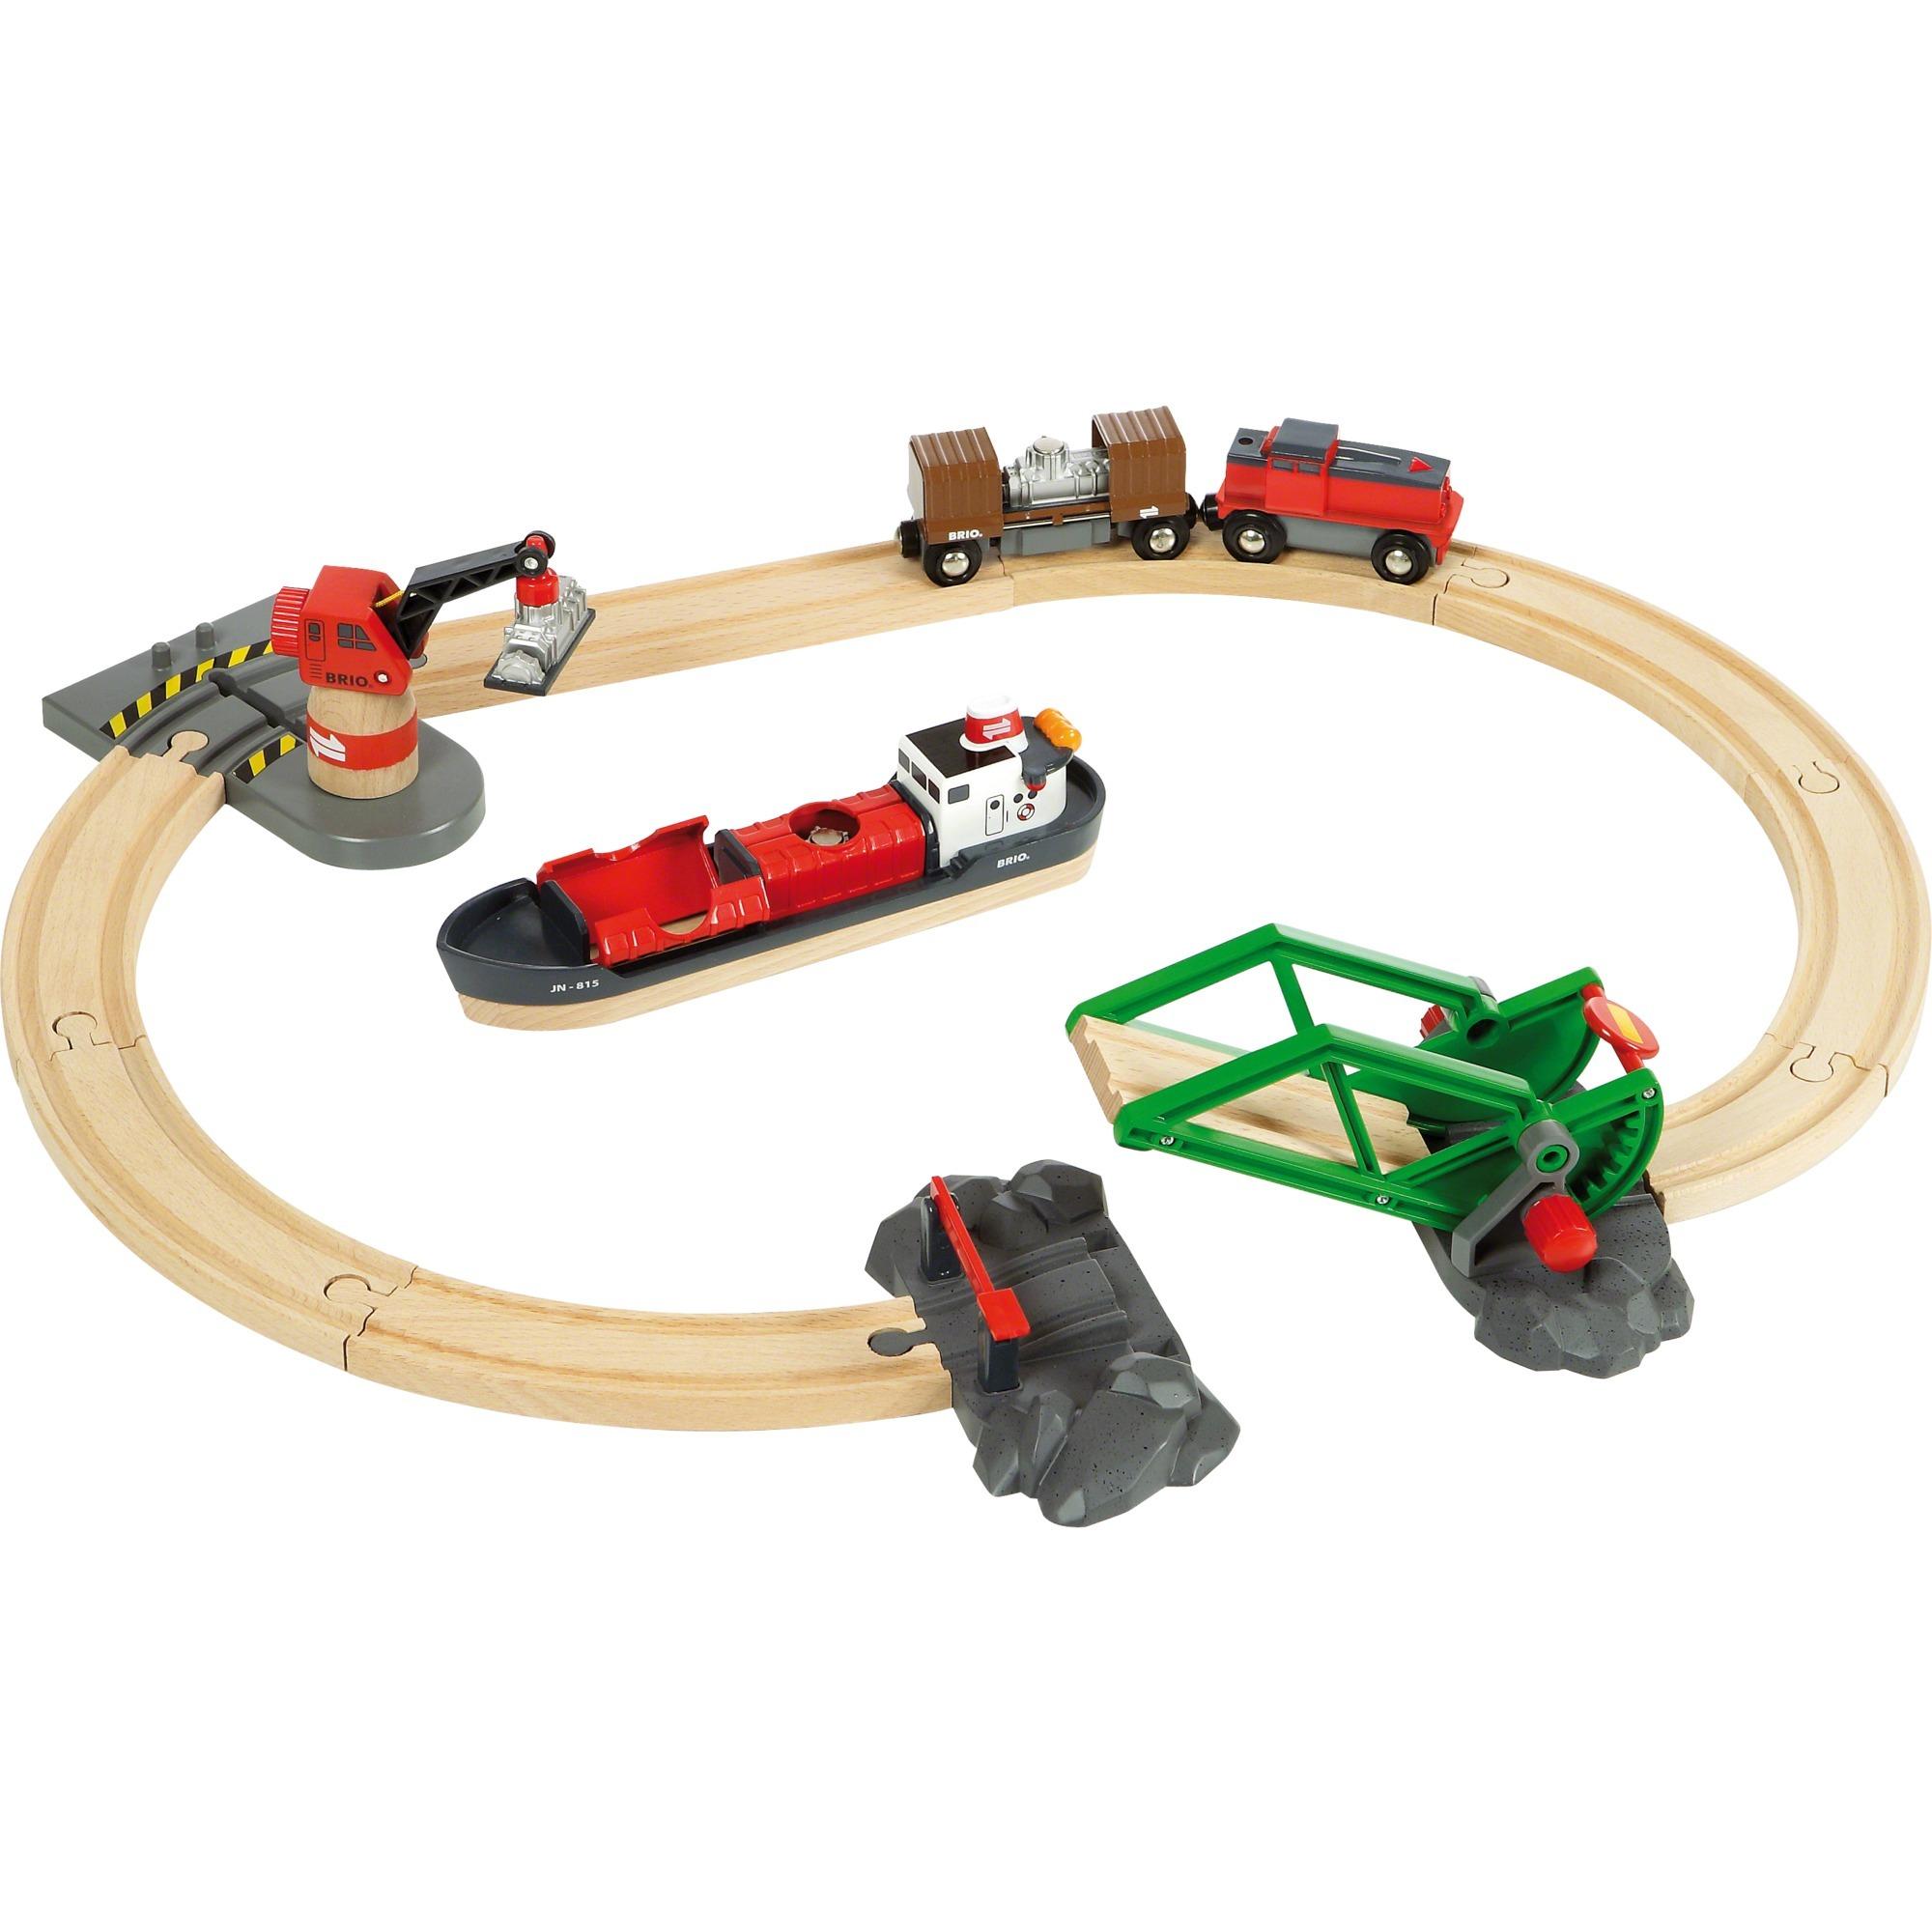 33061 Set circuito de tren con puerto y barco, Vehículo de juguete